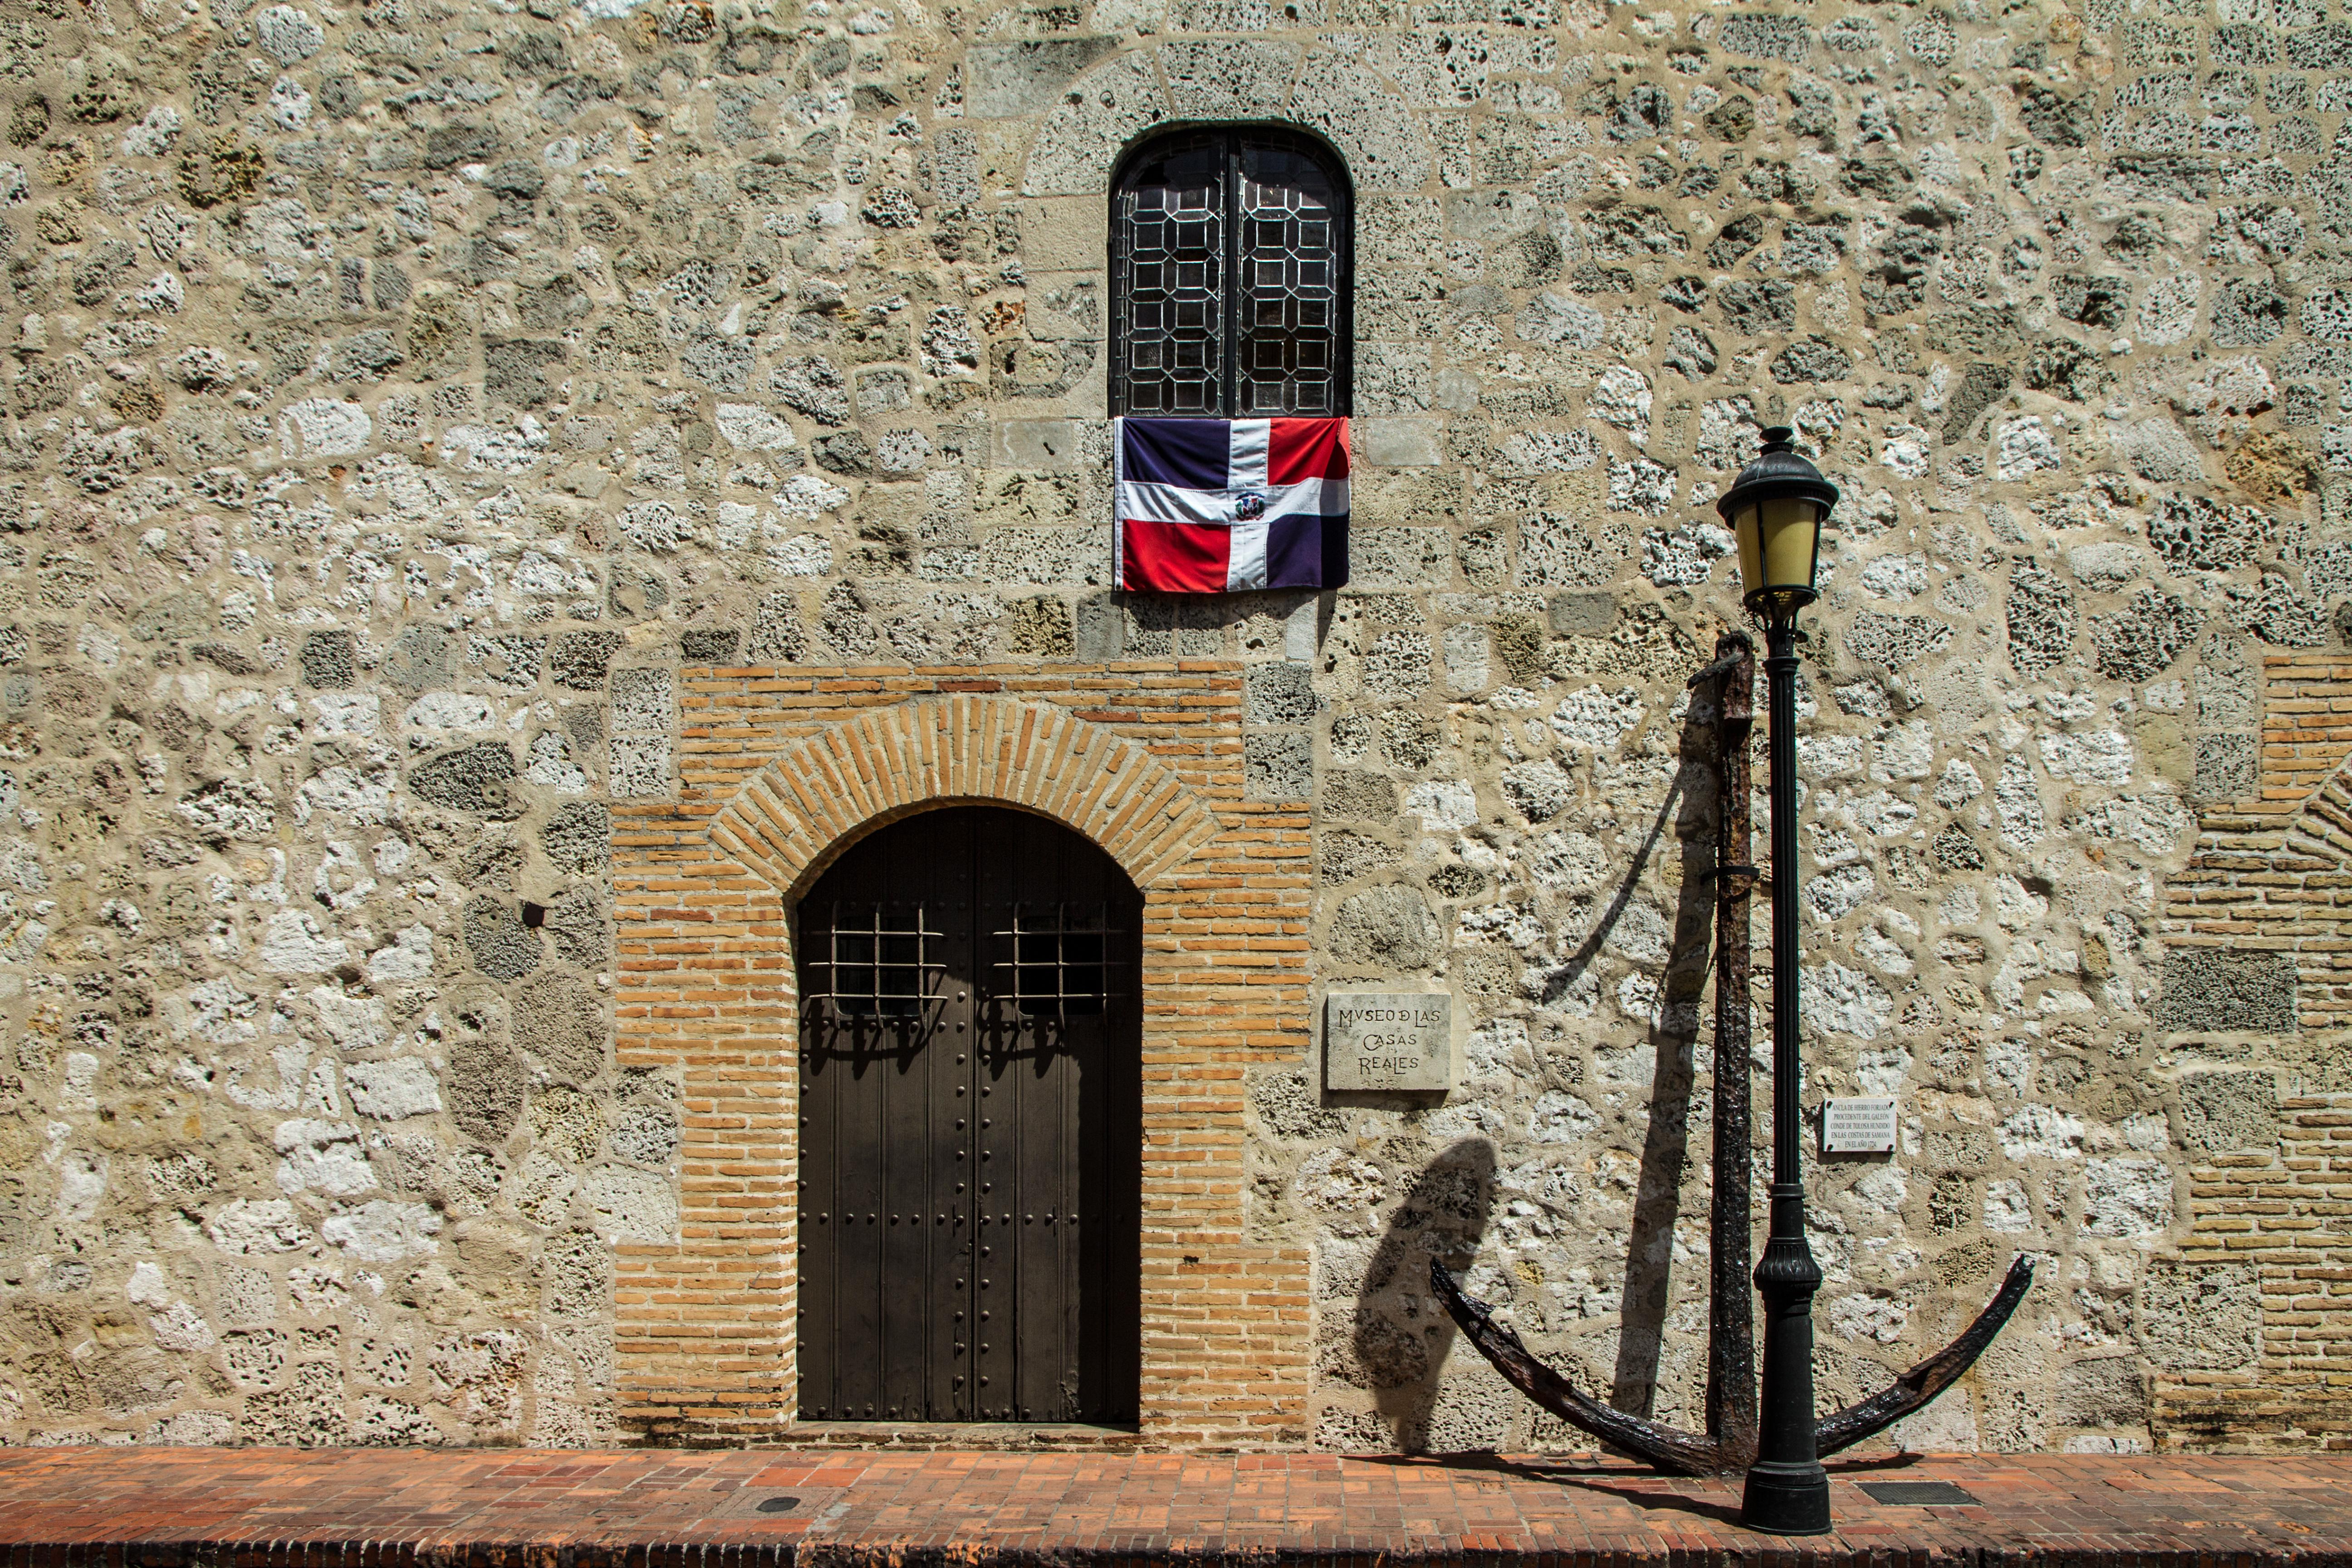 מוזיאון The Museo de las Casas Reales מבחוץ